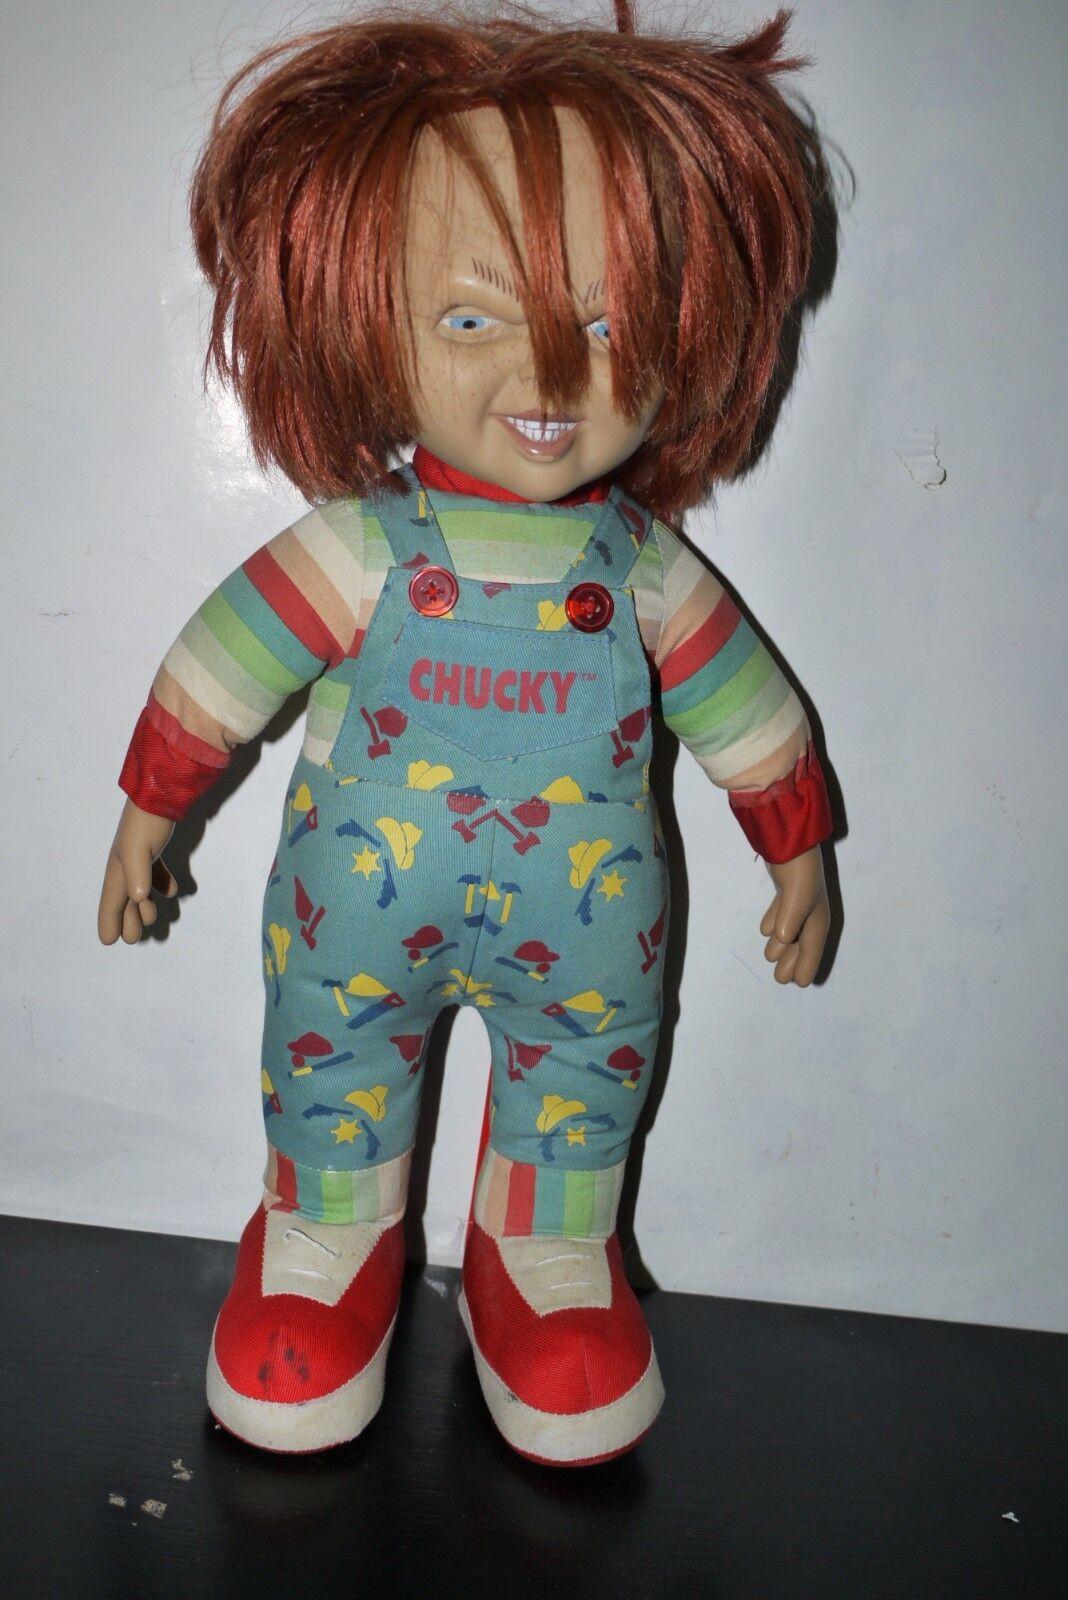 Sideshow tiene una colección original de muñecas de vinilo.